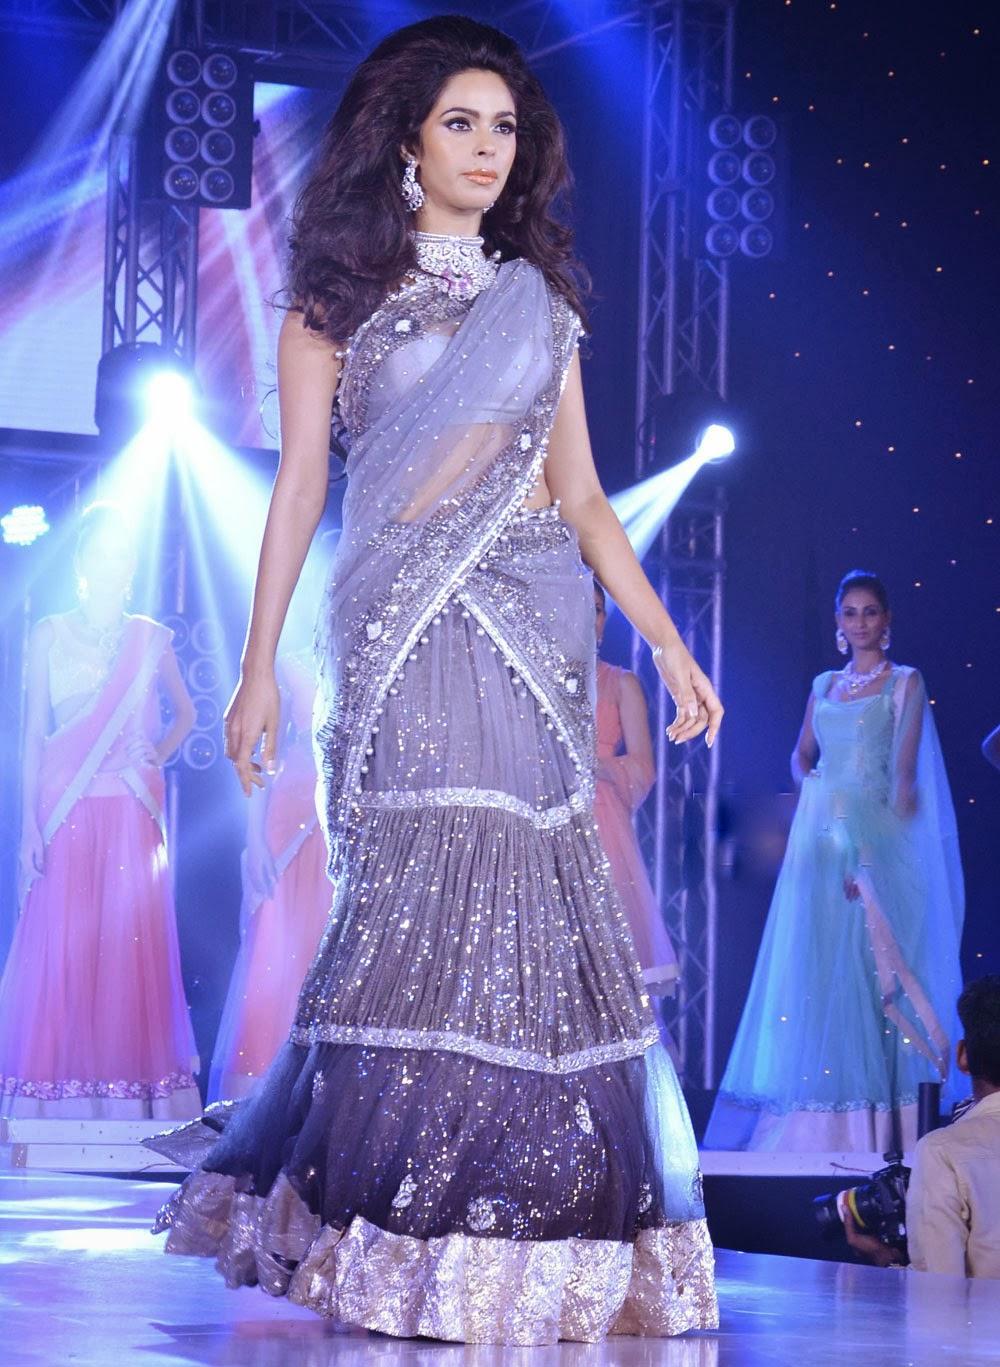 Mallika Sherawat sexy ramp walk, Mallika Sherawat photos